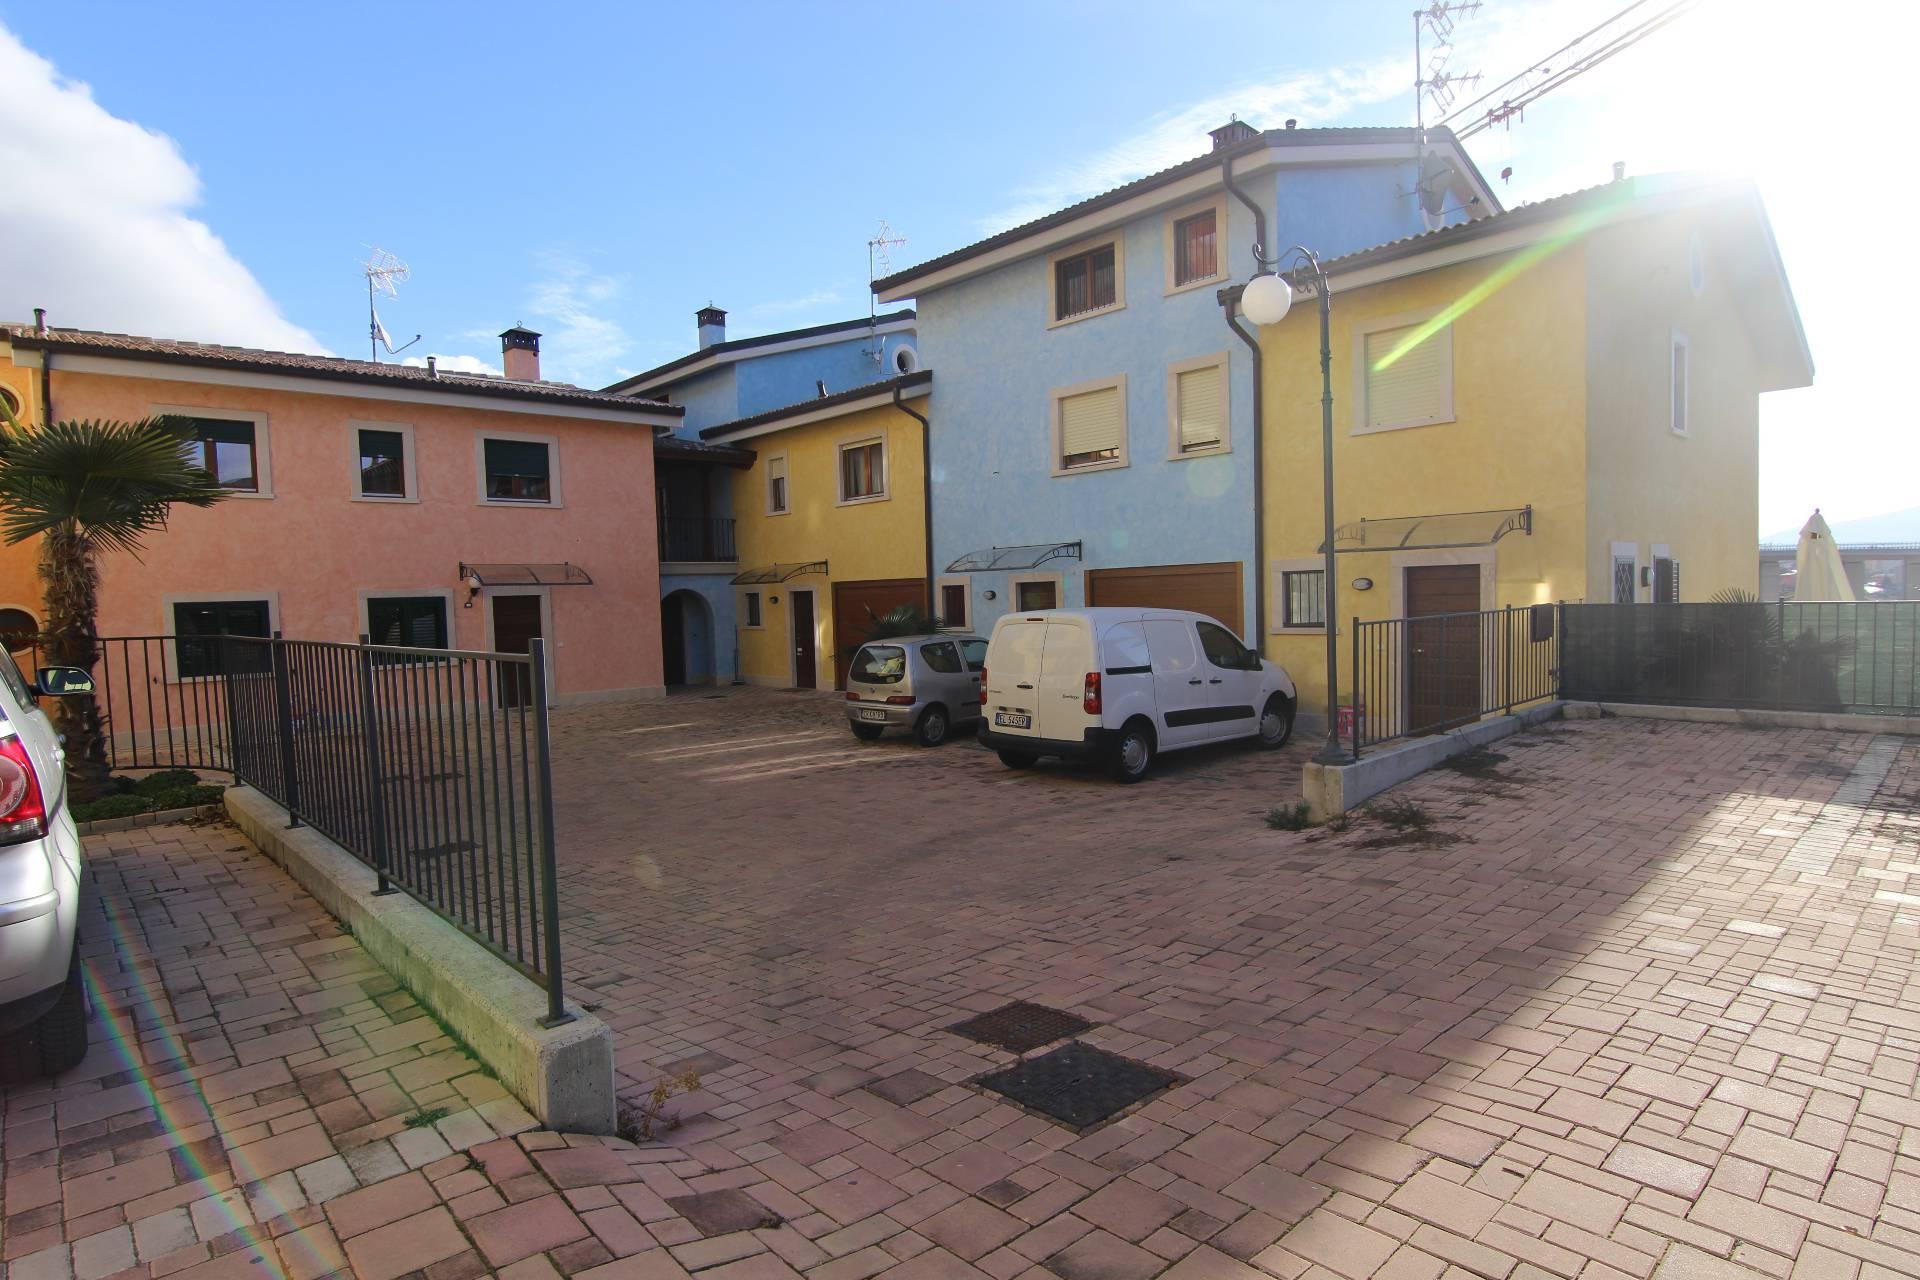 L'Aquila (AQ) - San Giuliano, via caprini